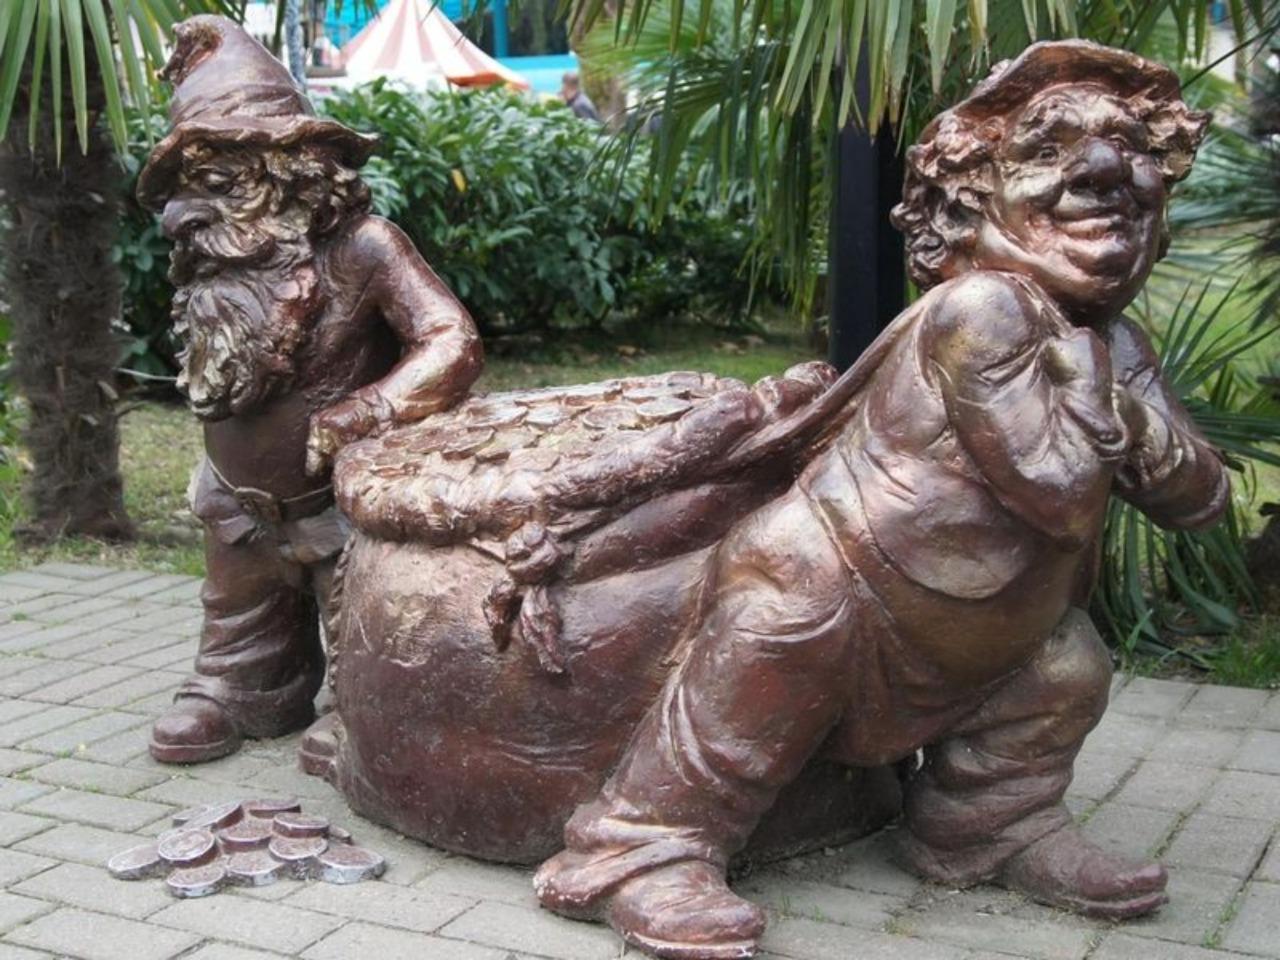 По забавным скульптурам: вспоминайте Сочи с юмором - индивидуальная экскурсия в Сочи от опытного гида